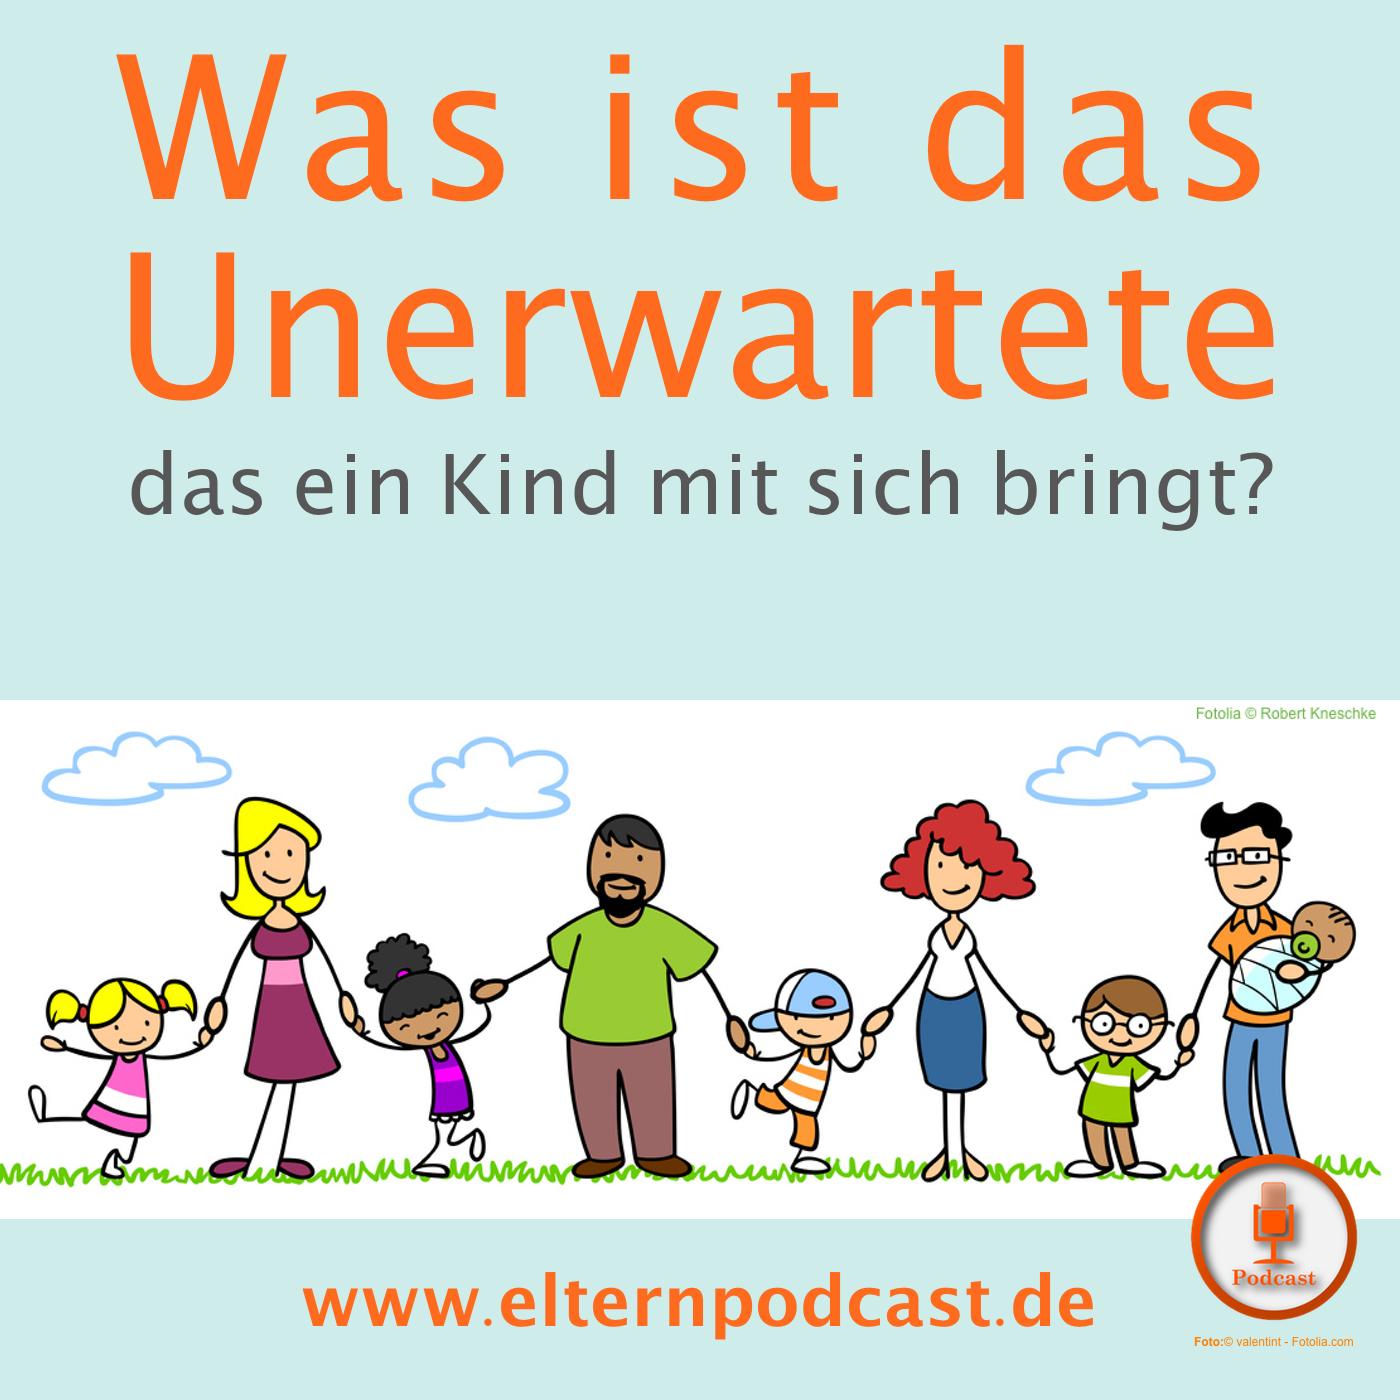 Elternpodcast | Was ist das Unerwartete, das ein Kind mit sich bringt?